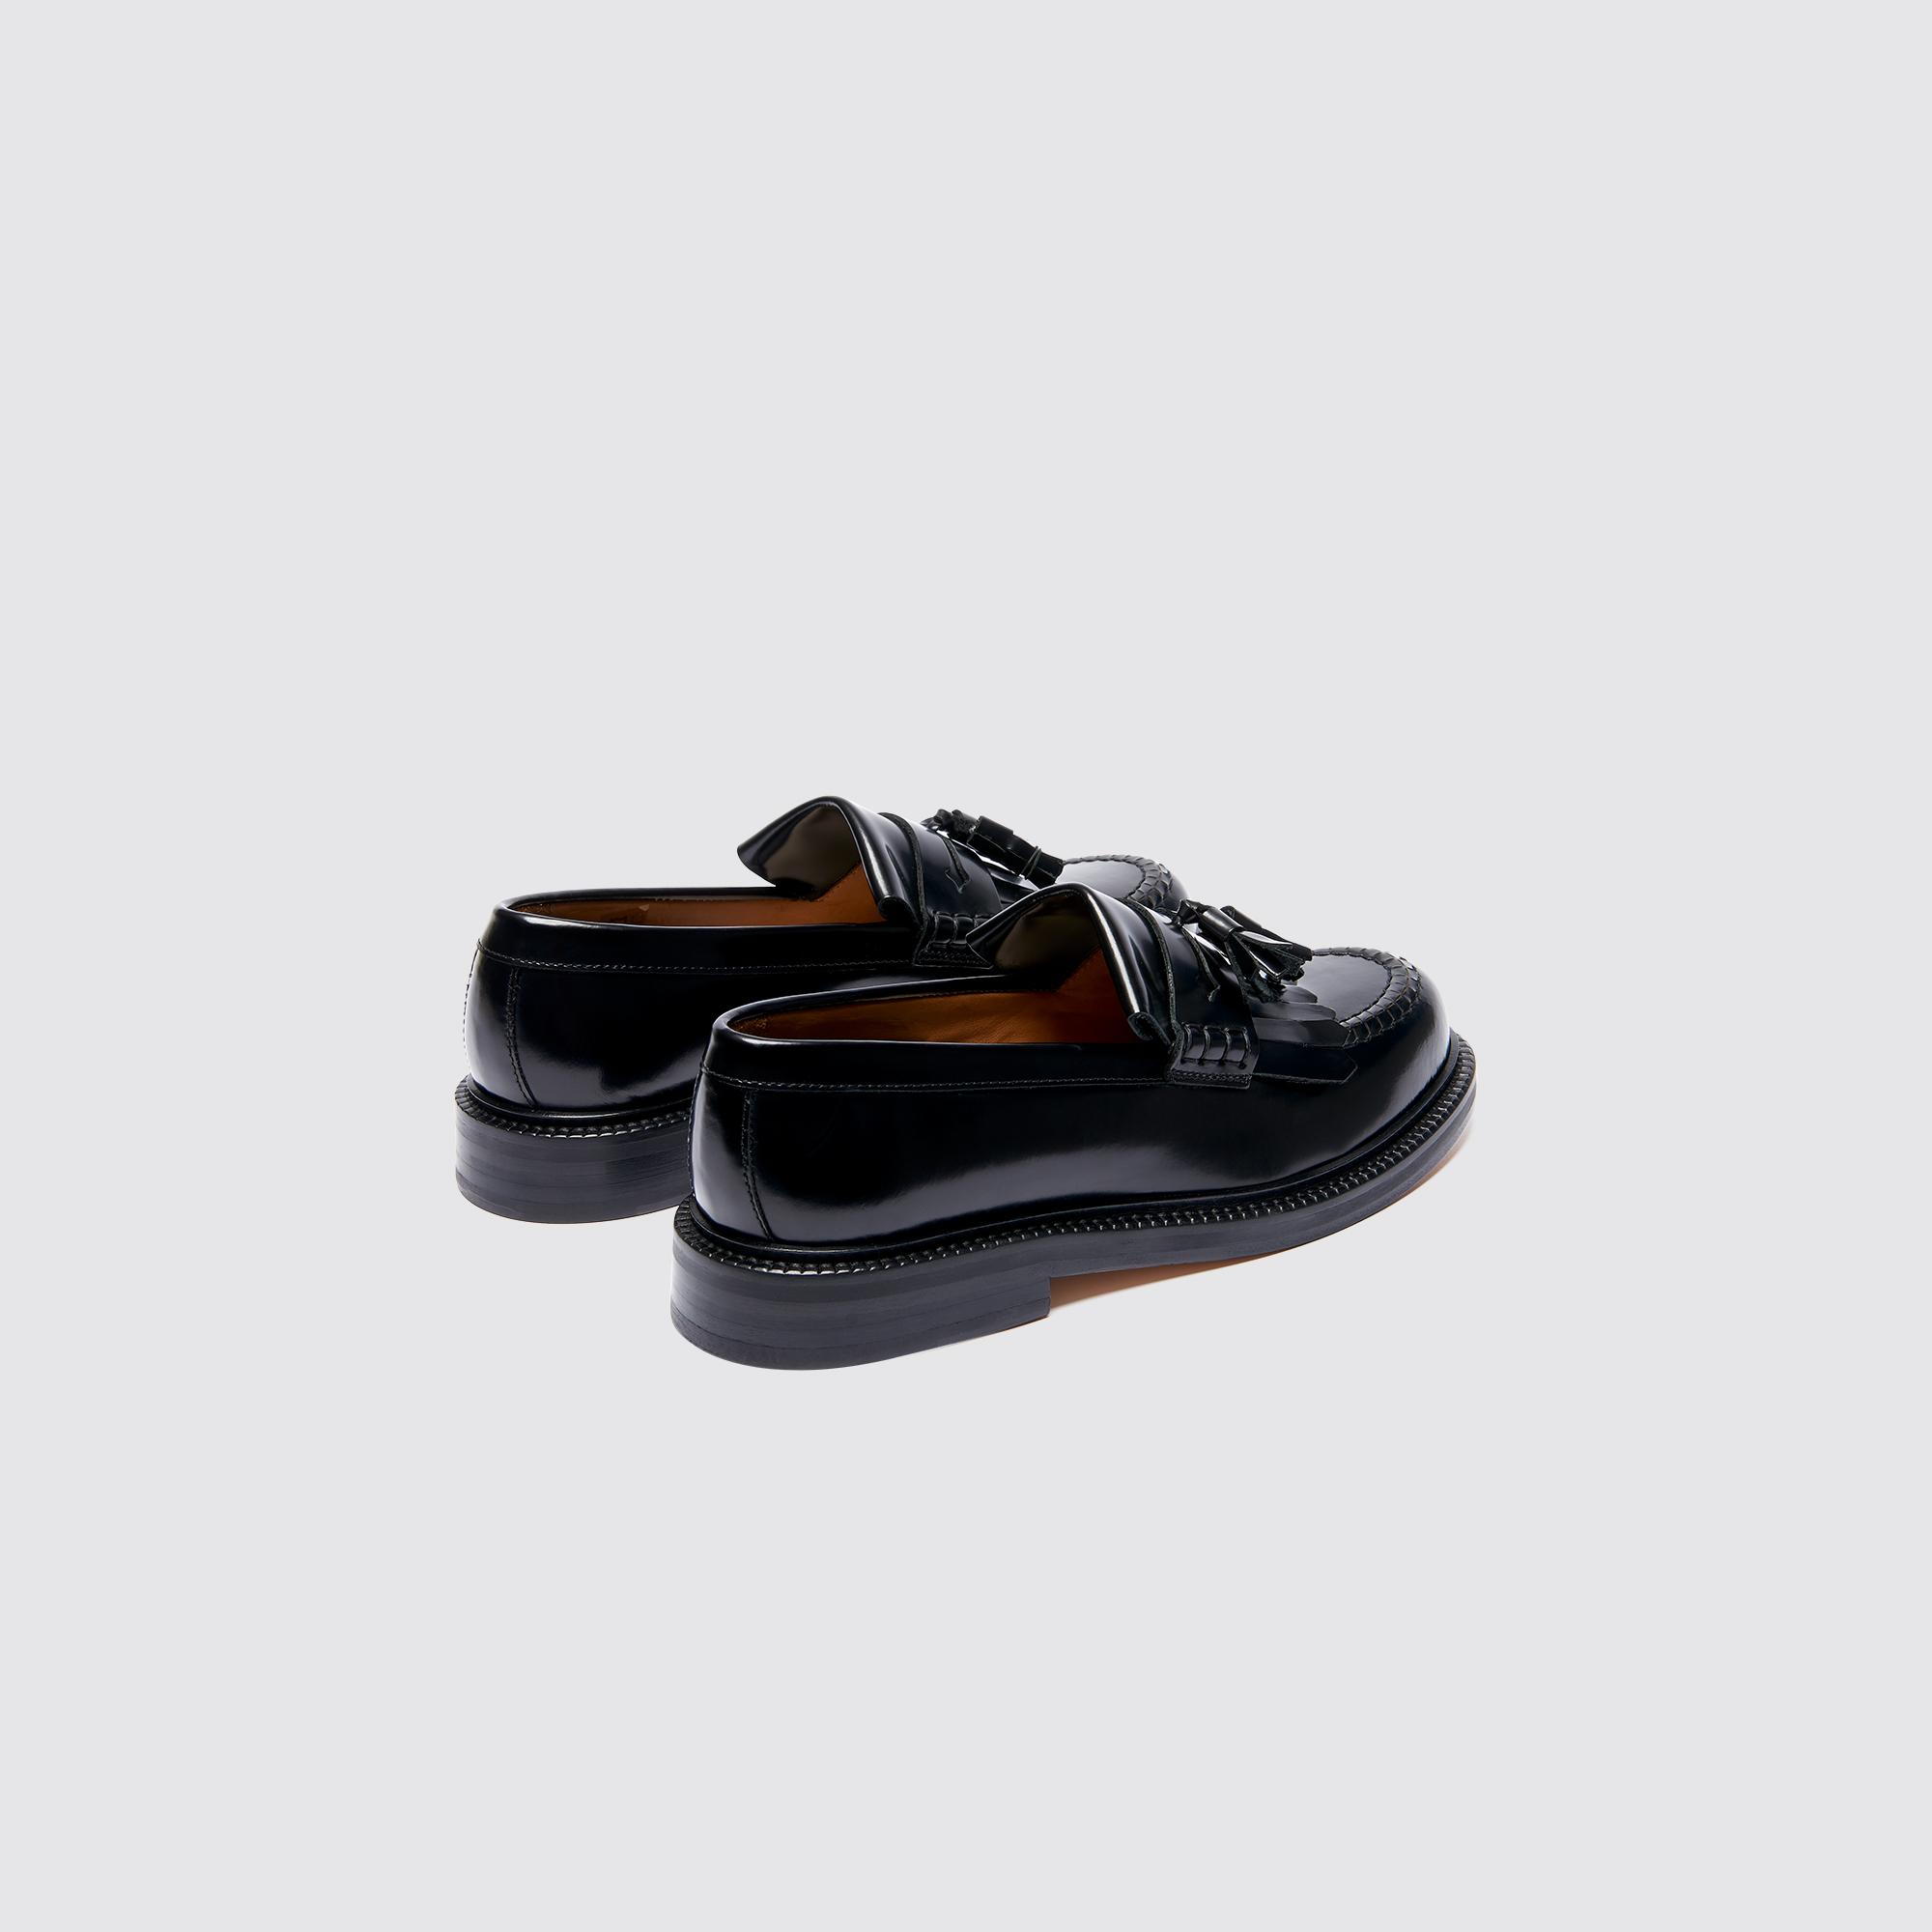 CH1397W cuir Chaussures Mocassins en glacé Sandro Paris w7tgqg5Pc